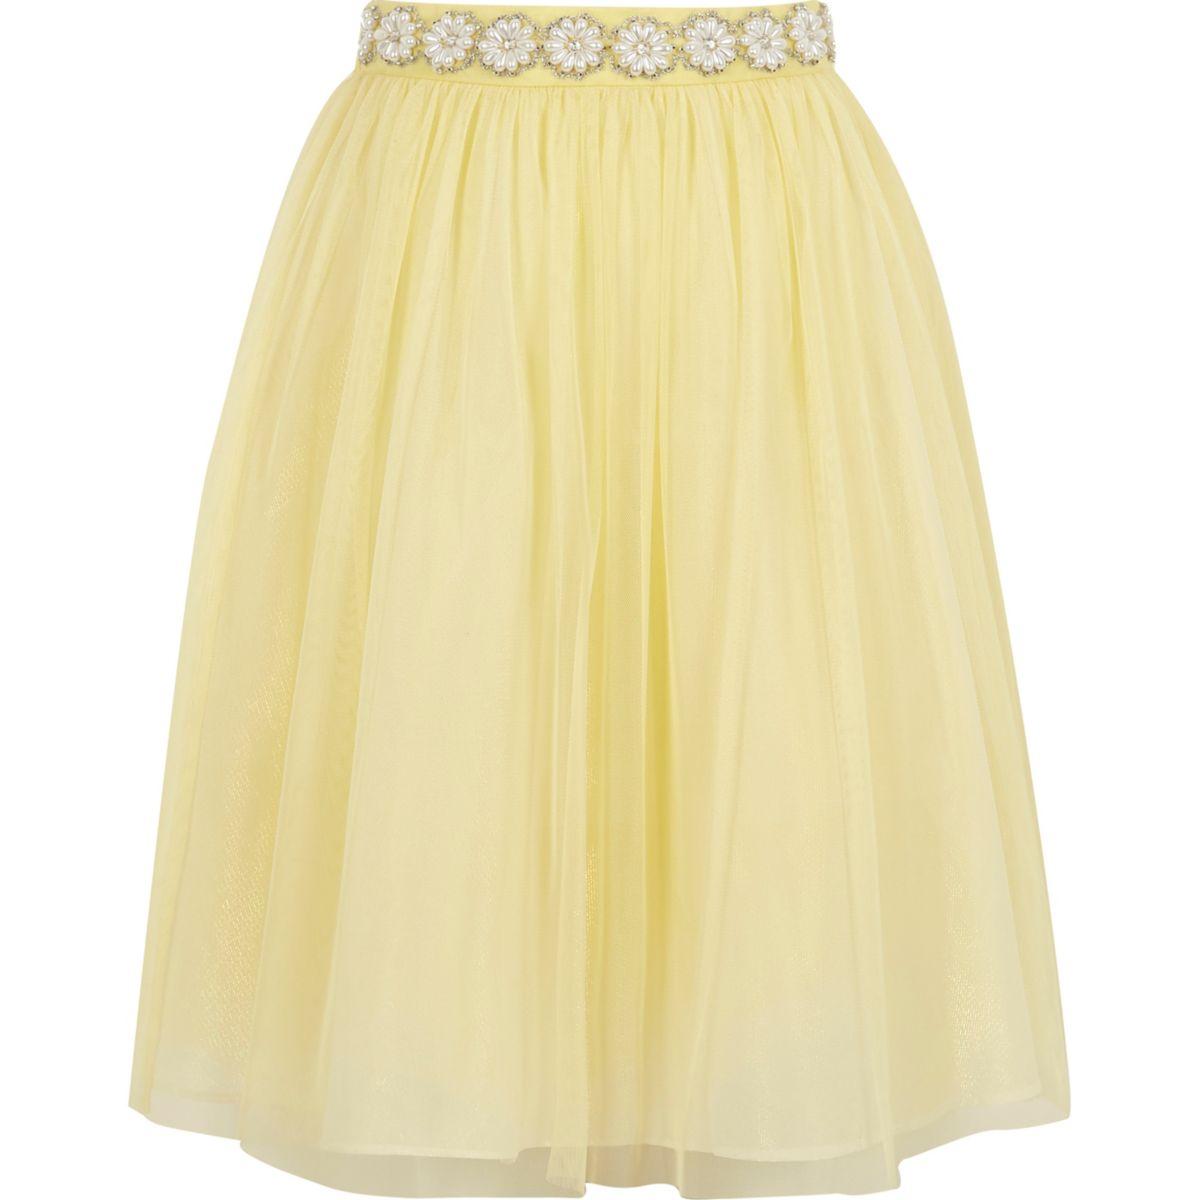 Jupe ballerine en tulle jaune à perles pour fille